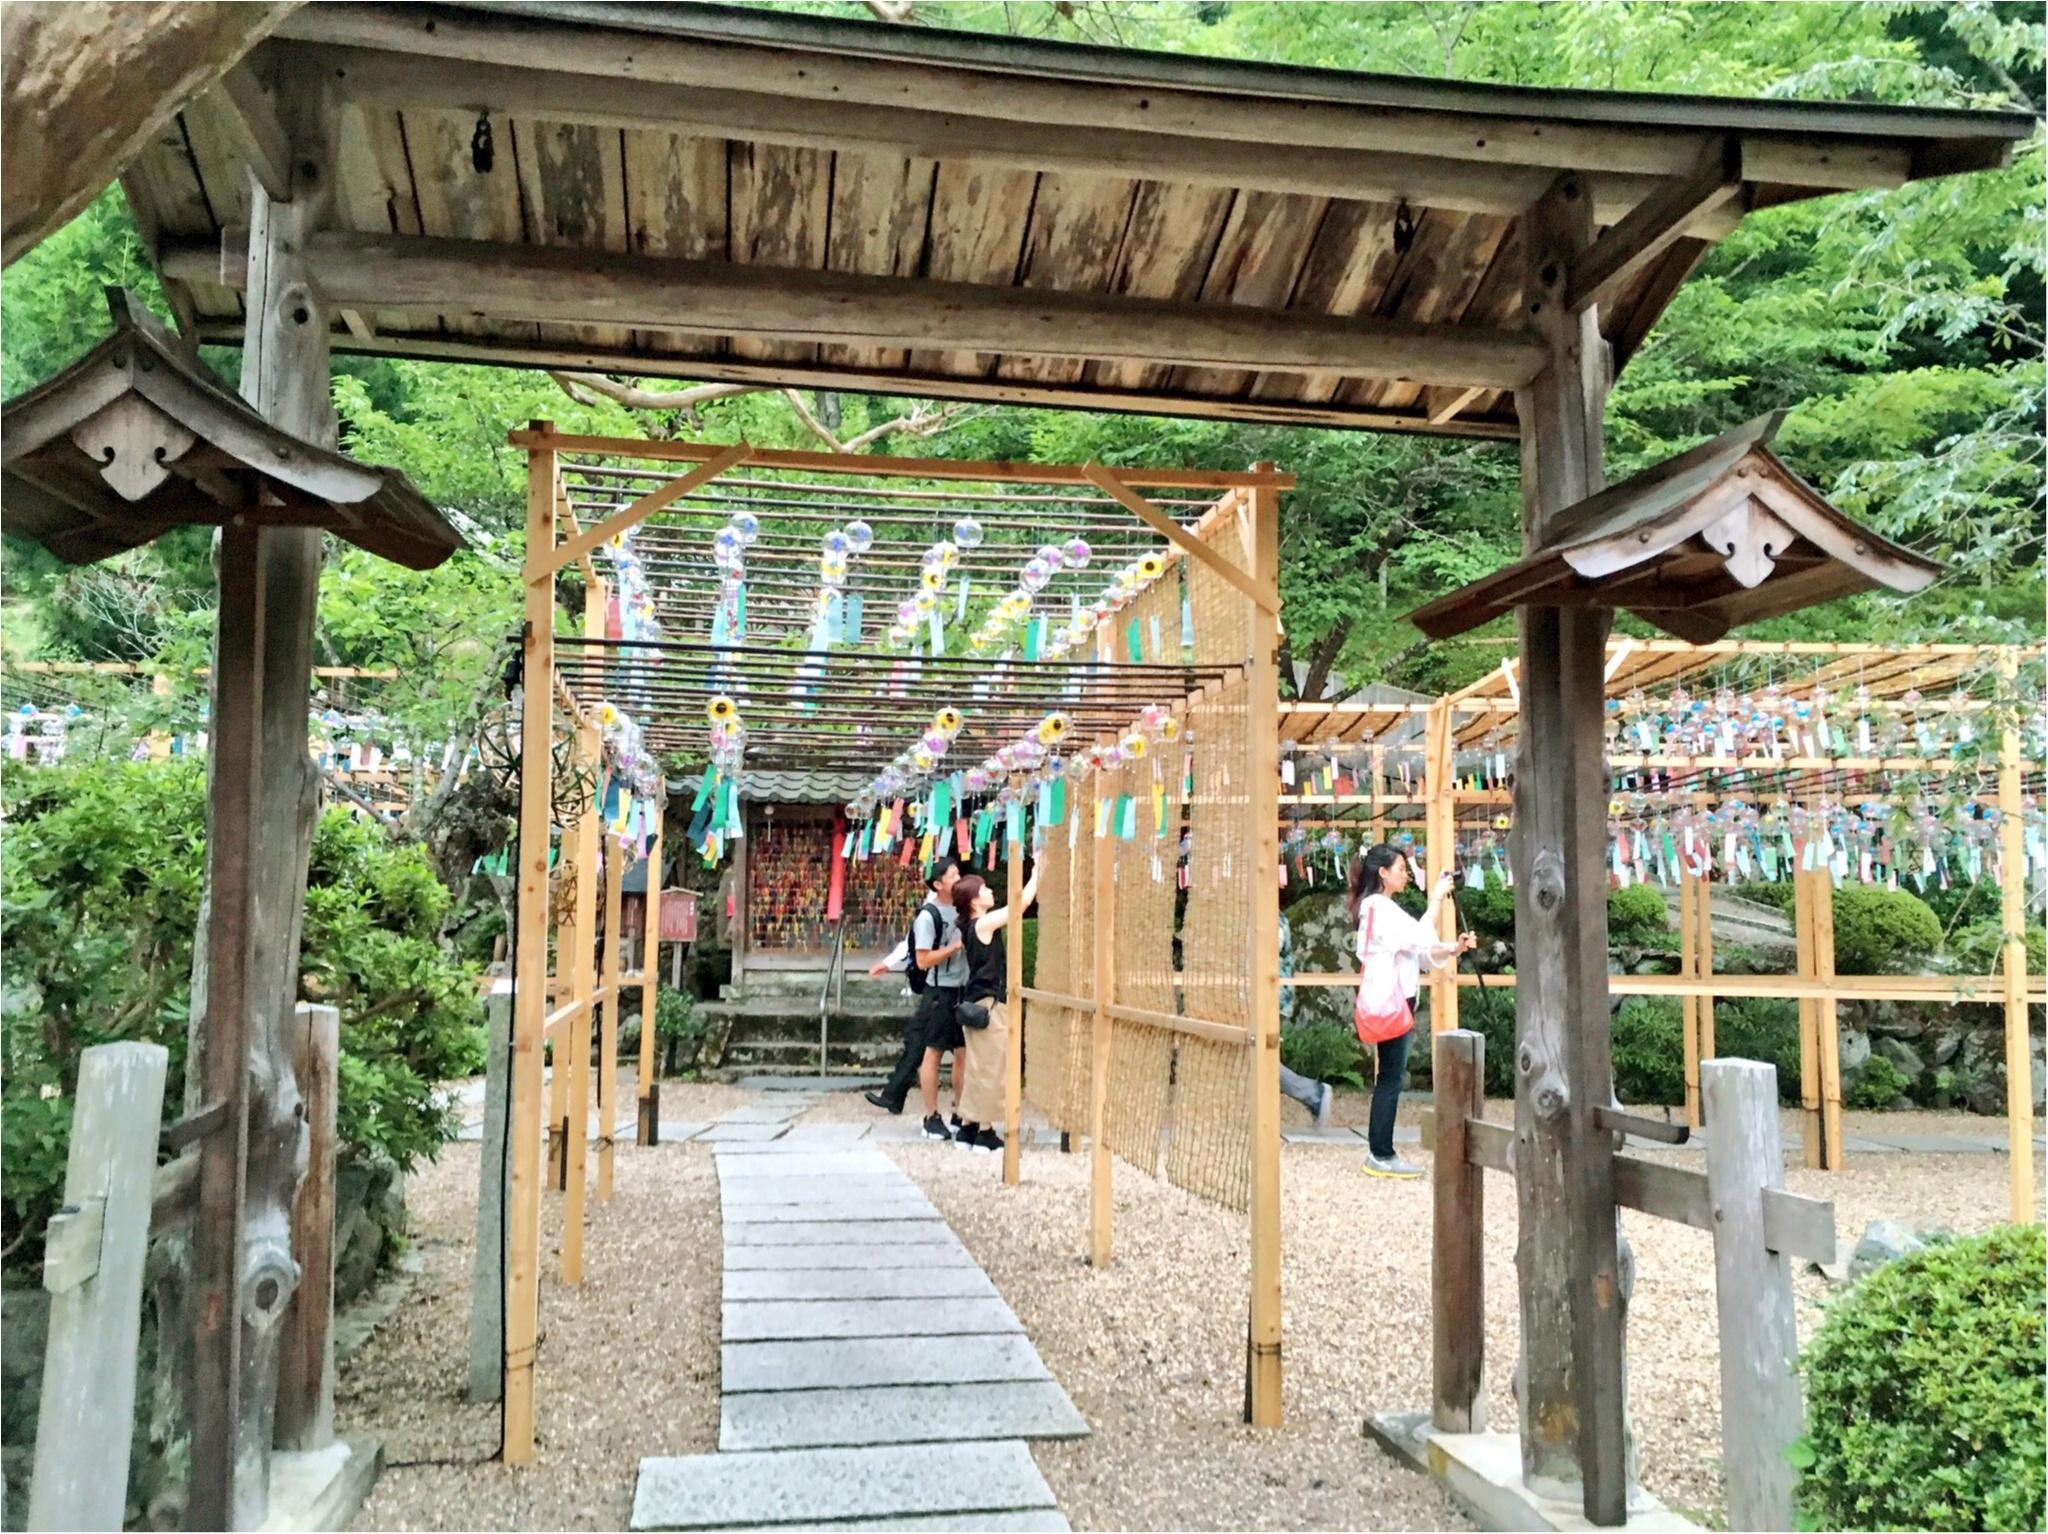 【フォトジェニックすぎる寺院】京都『正寿院』の魅力を紹介しちゃいます♡_9